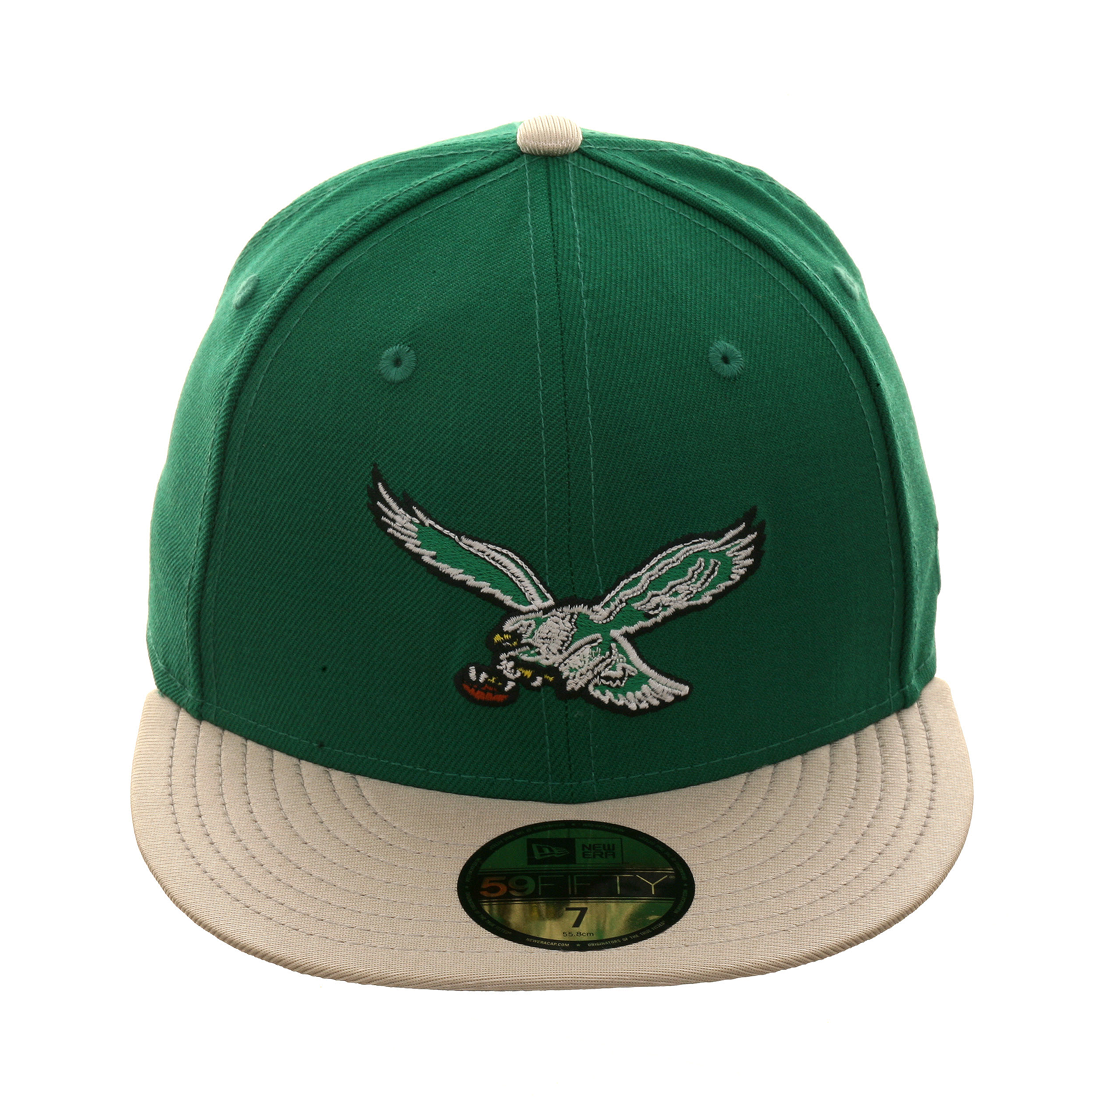 4d35fb8932f Exclusive New Era 59Fifty Philadelphia Eagles 1987 Hat - 2T